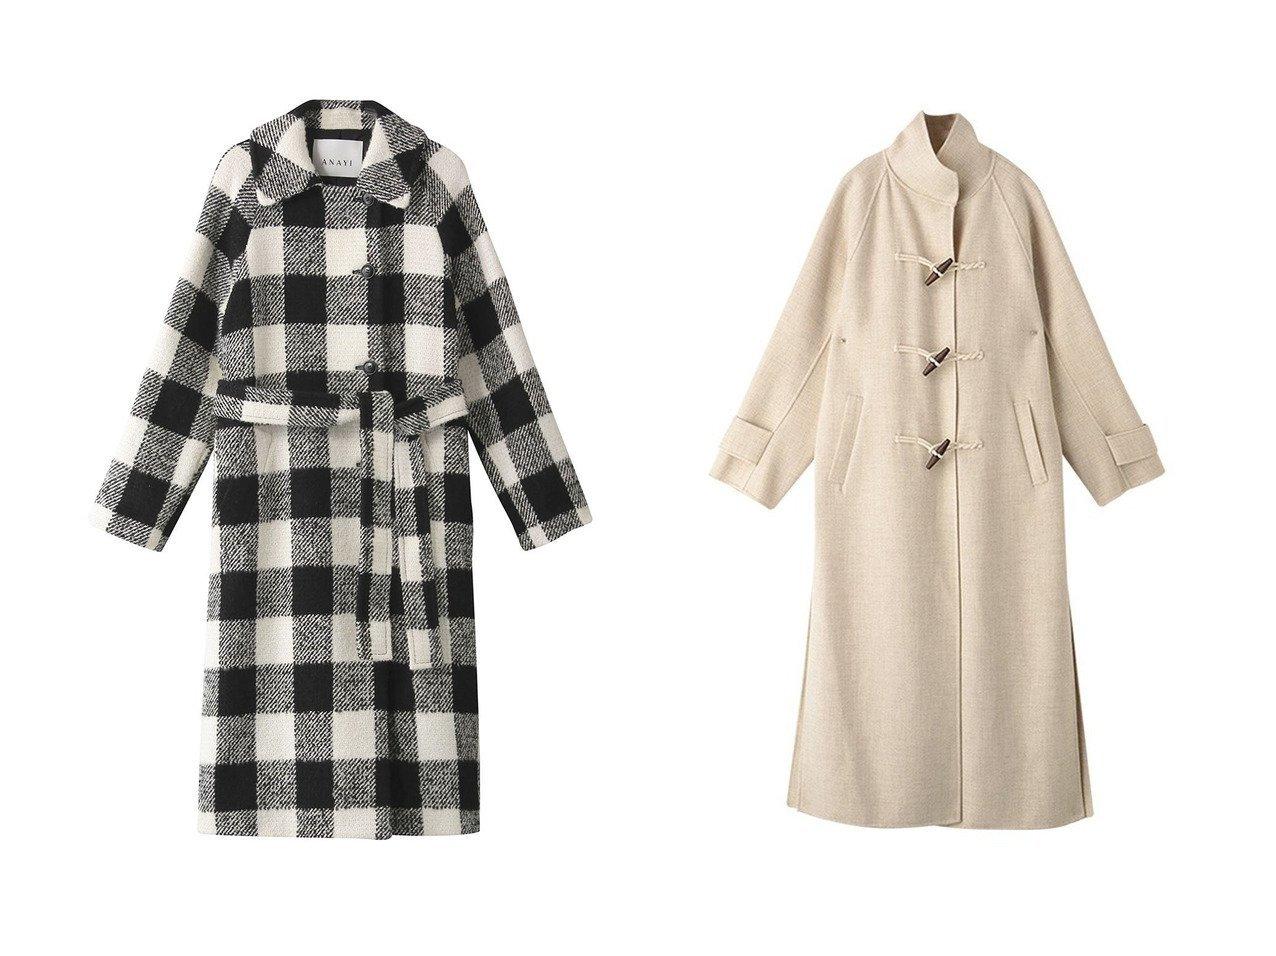 【ANAYI/アナイ】のループチェックステンカラーコート&【ETRE TOKYO/エトレトウキョウ】のリバーダッフルコート アウターのおすすめ!人気、トレンド・レディースファッションの通販 おすすめで人気の流行・トレンド、ファッションの通販商品 メンズファッション・キッズファッション・インテリア・家具・レディースファッション・服の通販 founy(ファニー) https://founy.com/ ファッション Fashion レディースファッション WOMEN アウター Coat Outerwear コート Coats ダッフルコート Duffle Coats シンプル スタンド スリット ダッフルコート ロング |ID:crp329100000011874